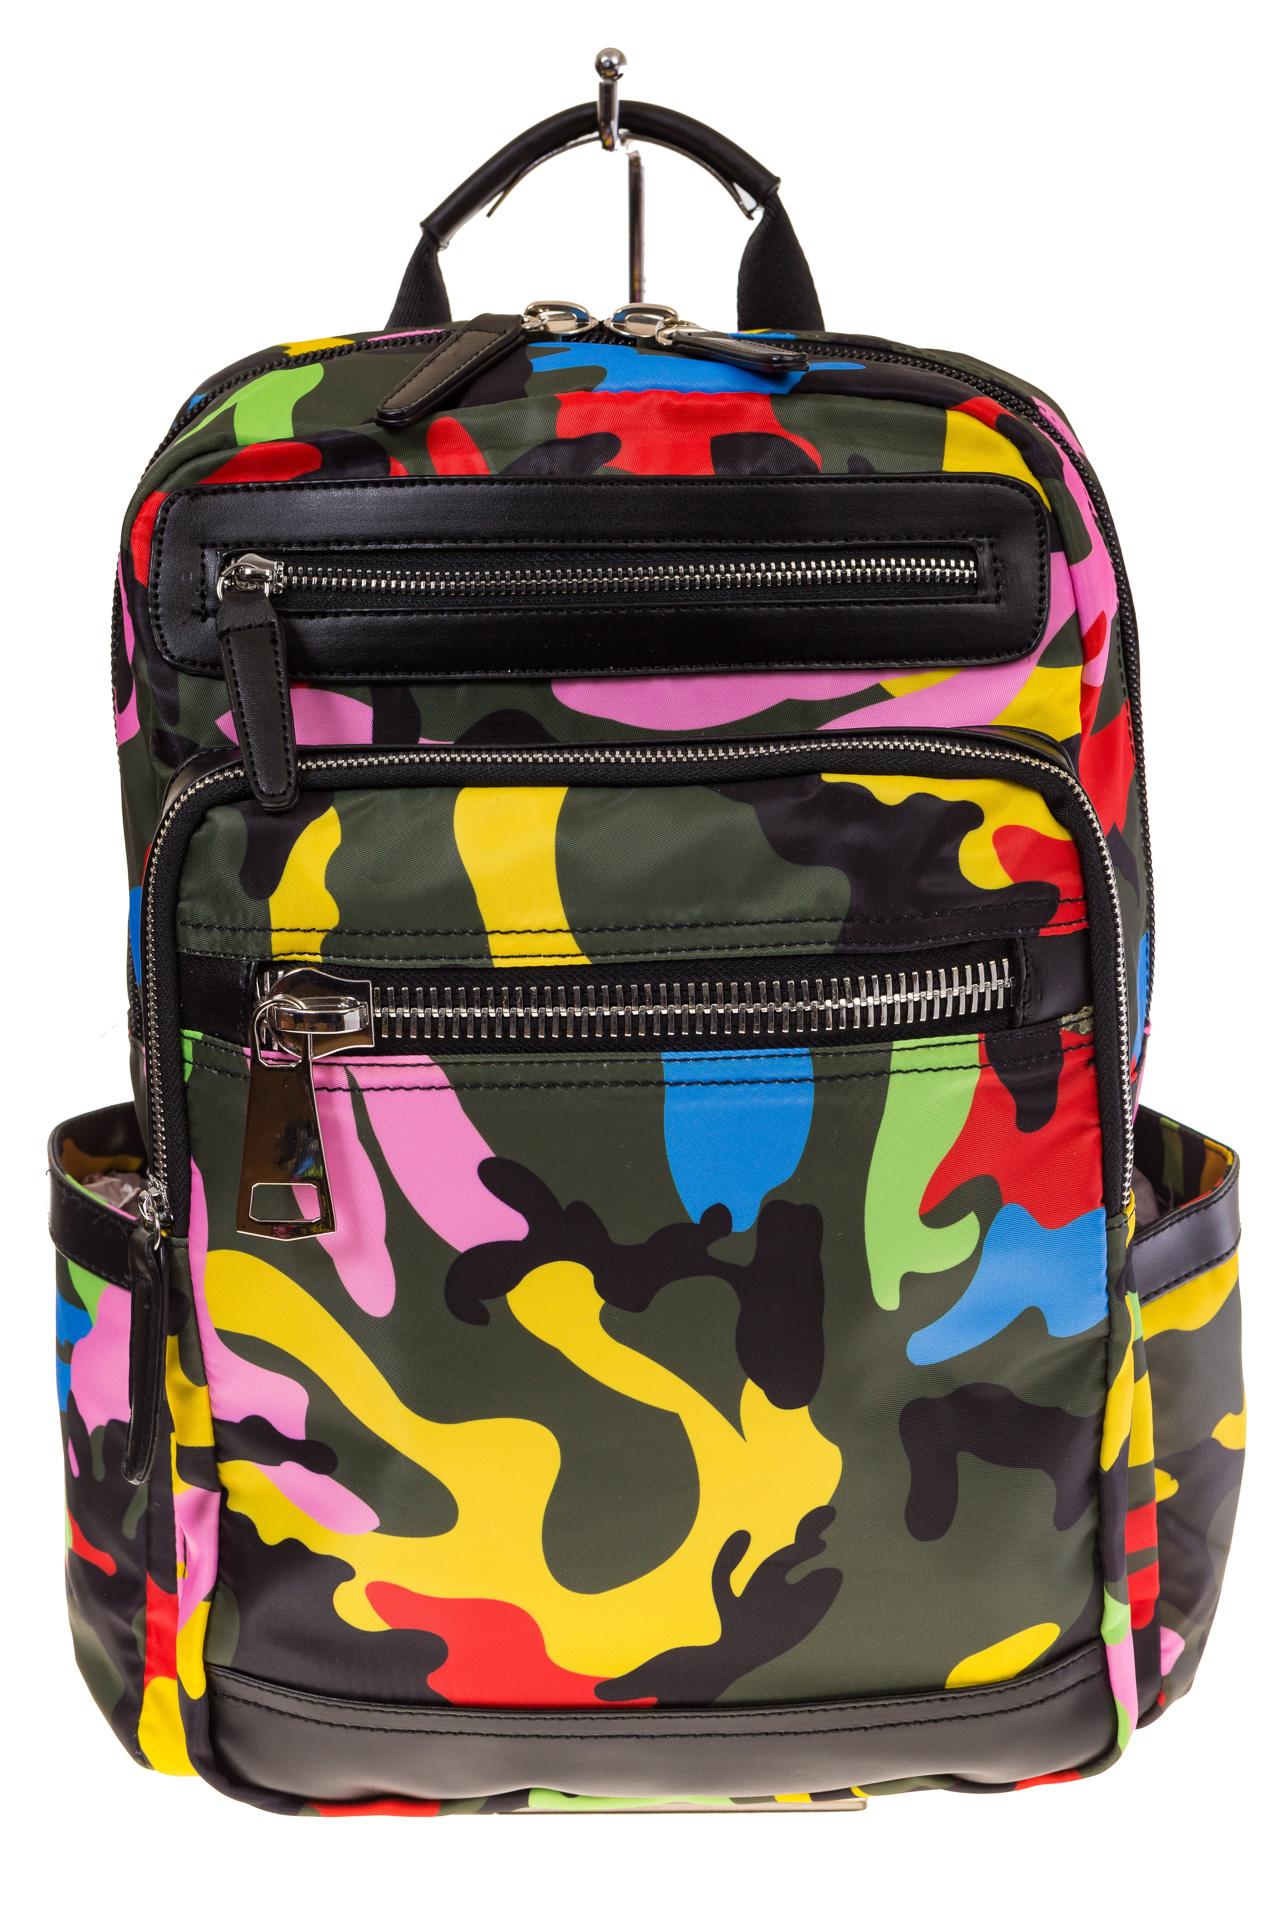 Купить оптом городской рюкзак из текстиля, фото спереди